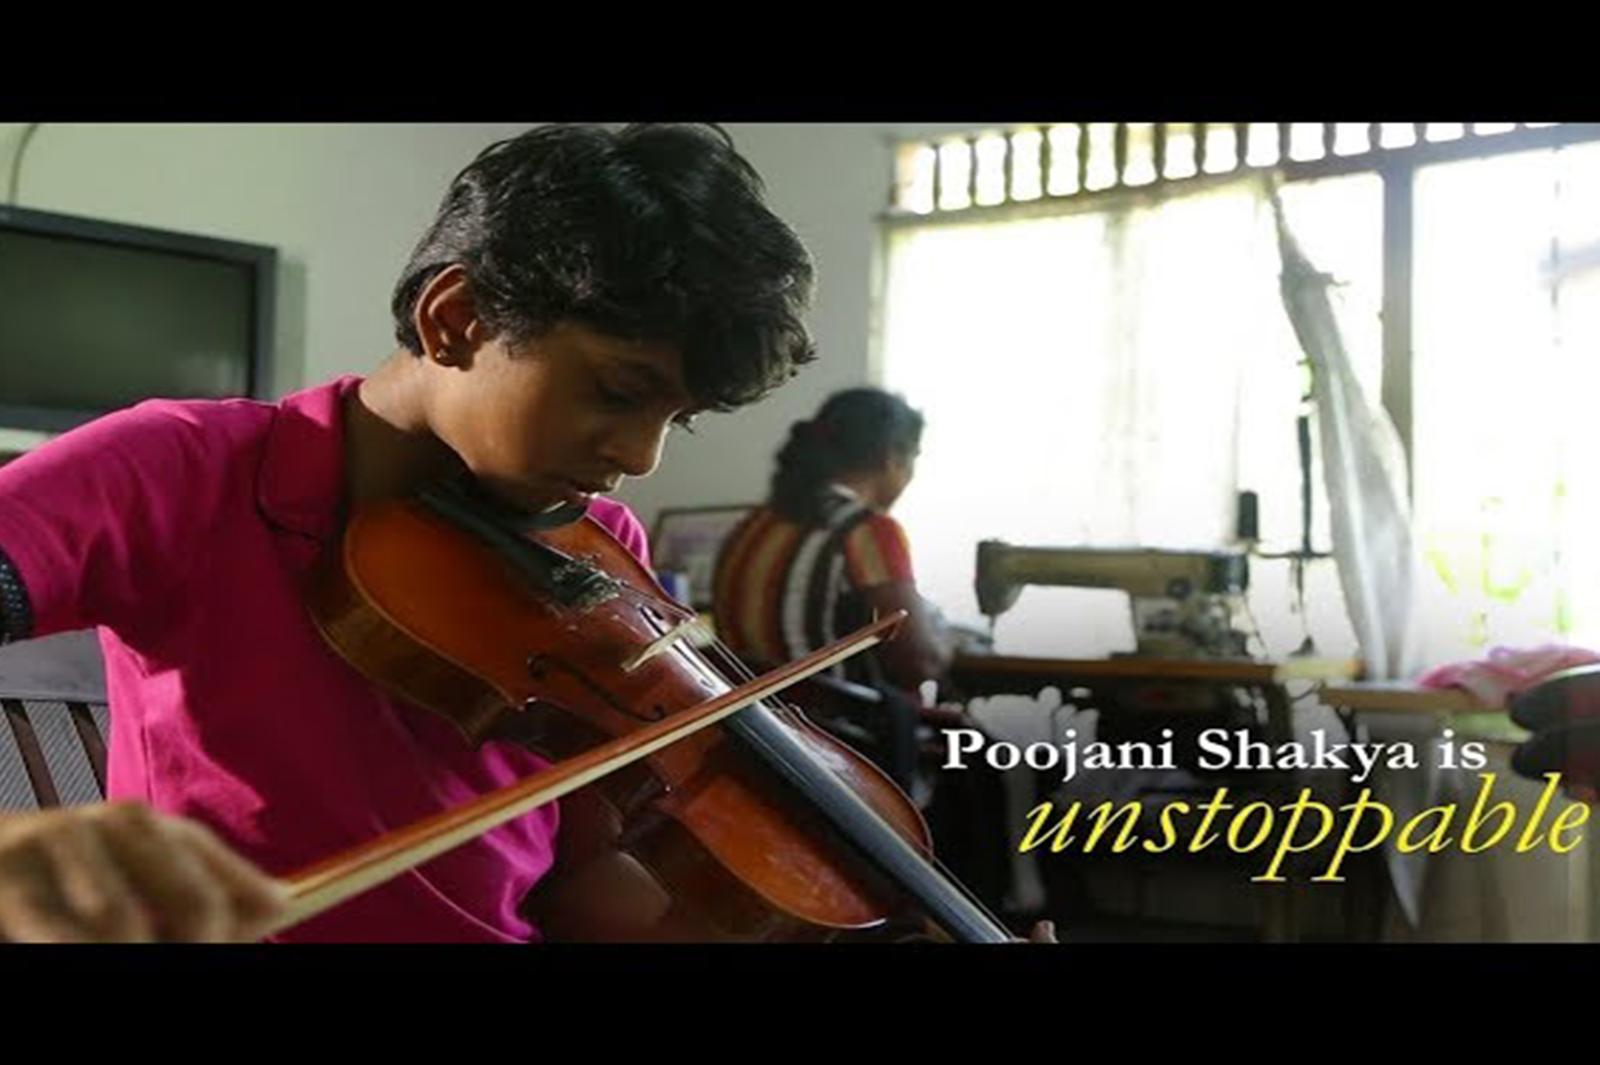 Poojani Shakya - The unstoppable girl